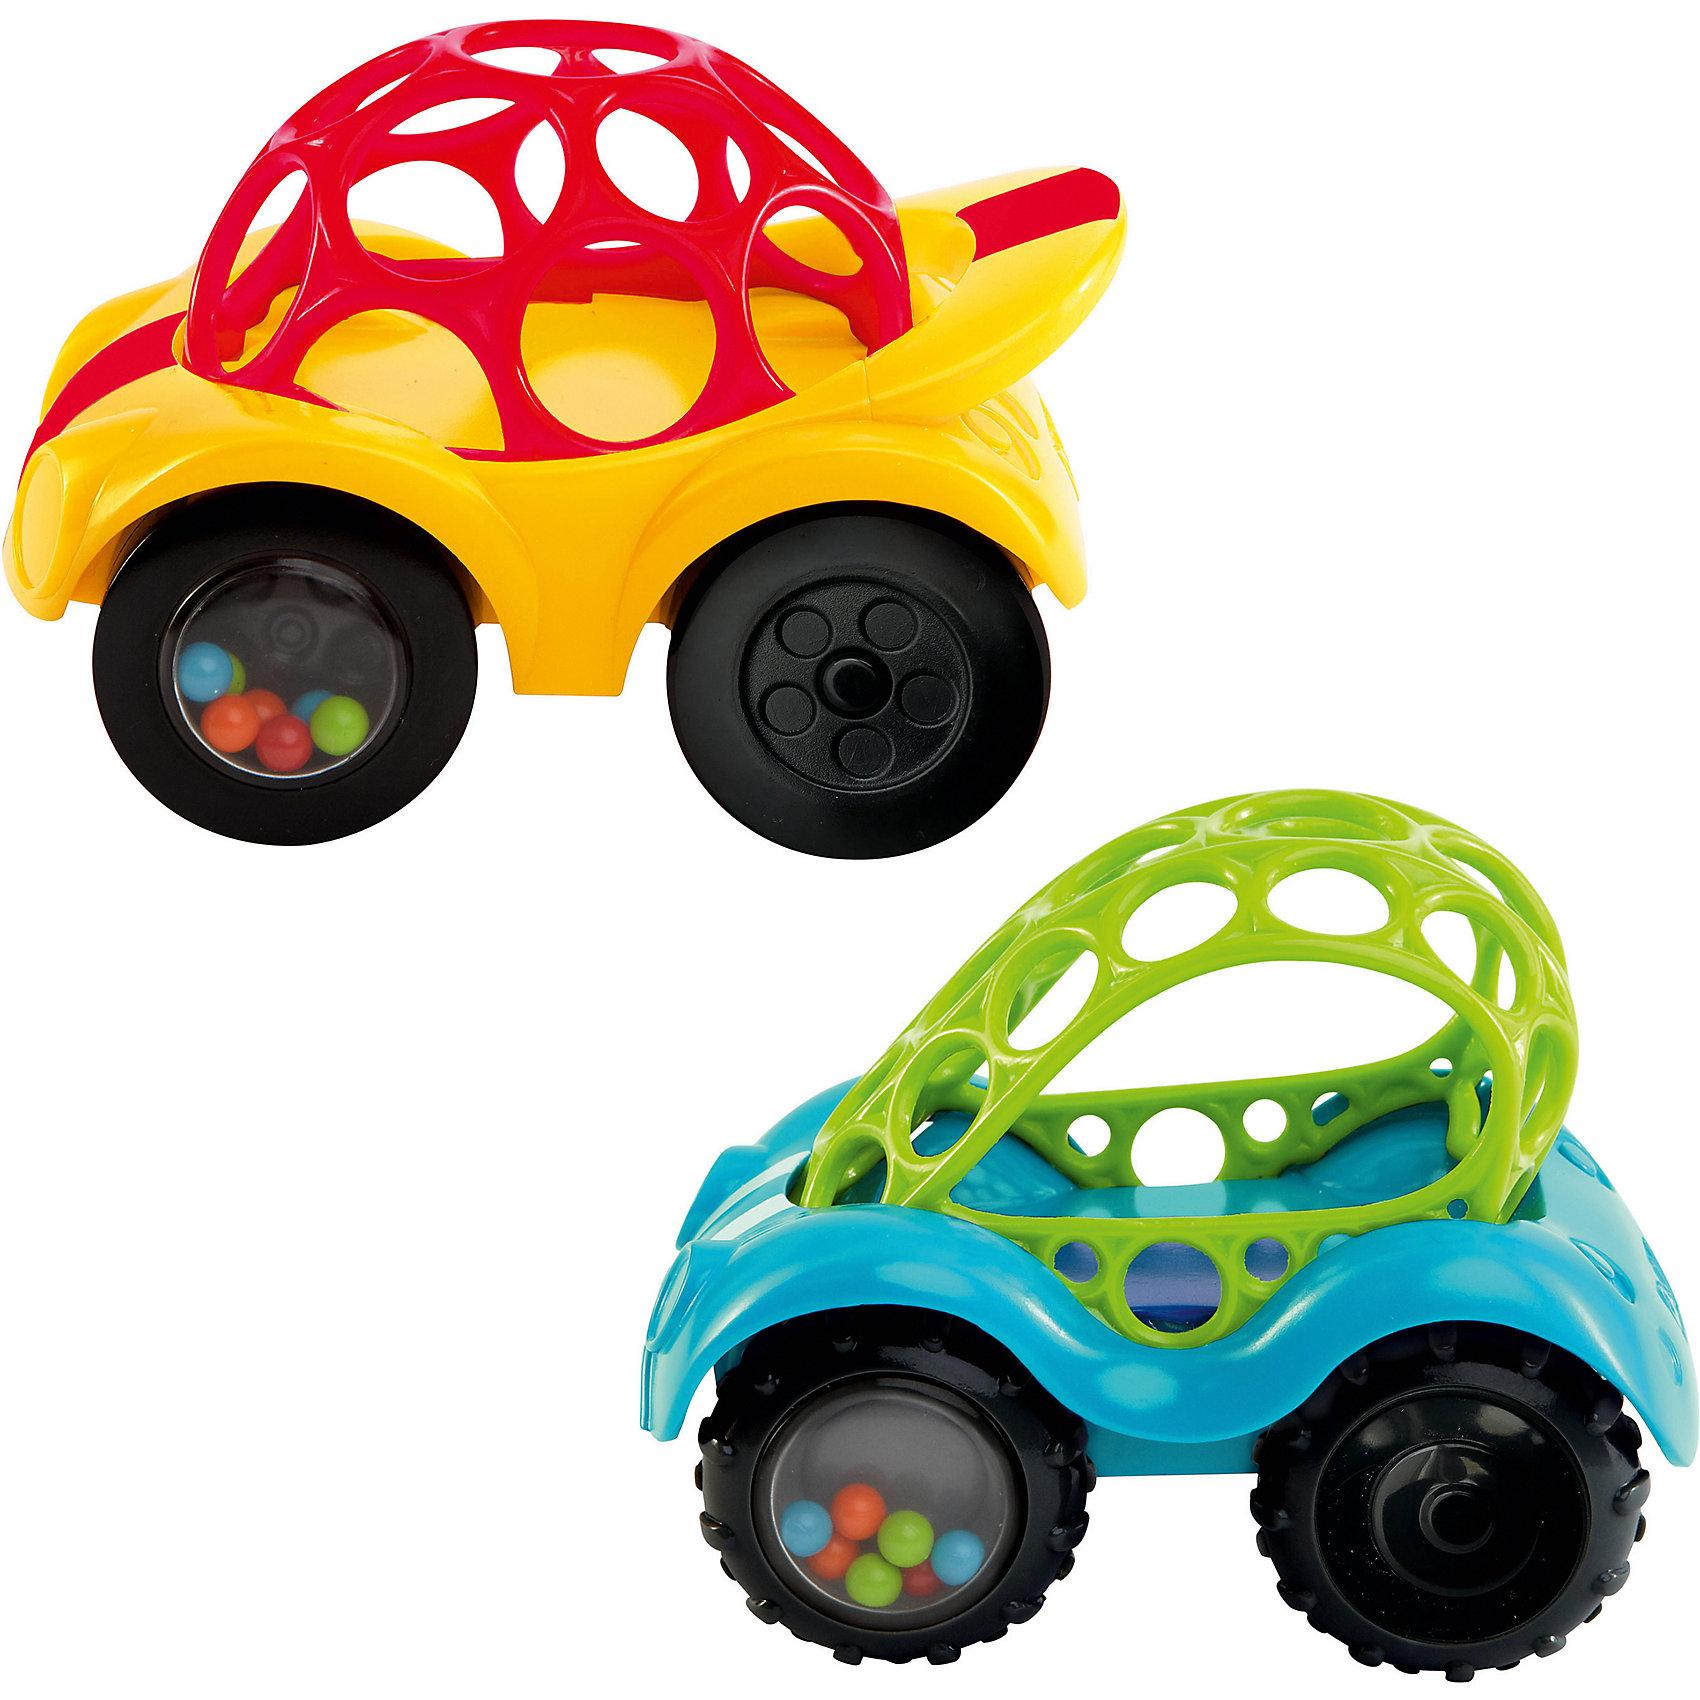 Развивающая игрушка Машинка, красная, OballРазвивающие игрушки<br>Развивающая игрушка Машинка, красная, Oball<br><br>Характеристики:<br><br>• Цвет: красный<br>• Размер машинки: 11*11*9 см<br>• Размер коробки: 8*5*16 см<br>• Материал: пластик<br><br>Эта первая машинка для малыша не только сможет его увлечь, но еще и успокоить. Ведь благодаря мягким, рельефным деталям малыш сможет кусать и грызть машинку. Сама машинка и мячик Oball сделаны из качественных материалов, которые полностью безопасны для малыша. Яркие бусинки, которые трещат при движении, развеселят ребенка, а приятная на ощупь конструкция разовьет моторику рук.<br><br>Развивающая игрушка Машинка, красная, Oball можно купить в нашем интернет-магазине.<br><br>Ширина мм: 139<br>Глубина мм: 109<br>Высота мм: 101<br>Вес г: 131<br>Возраст от месяцев: 6<br>Возраст до месяцев: 36<br>Пол: Мужской<br>Возраст: Детский<br>SKU: 3400191